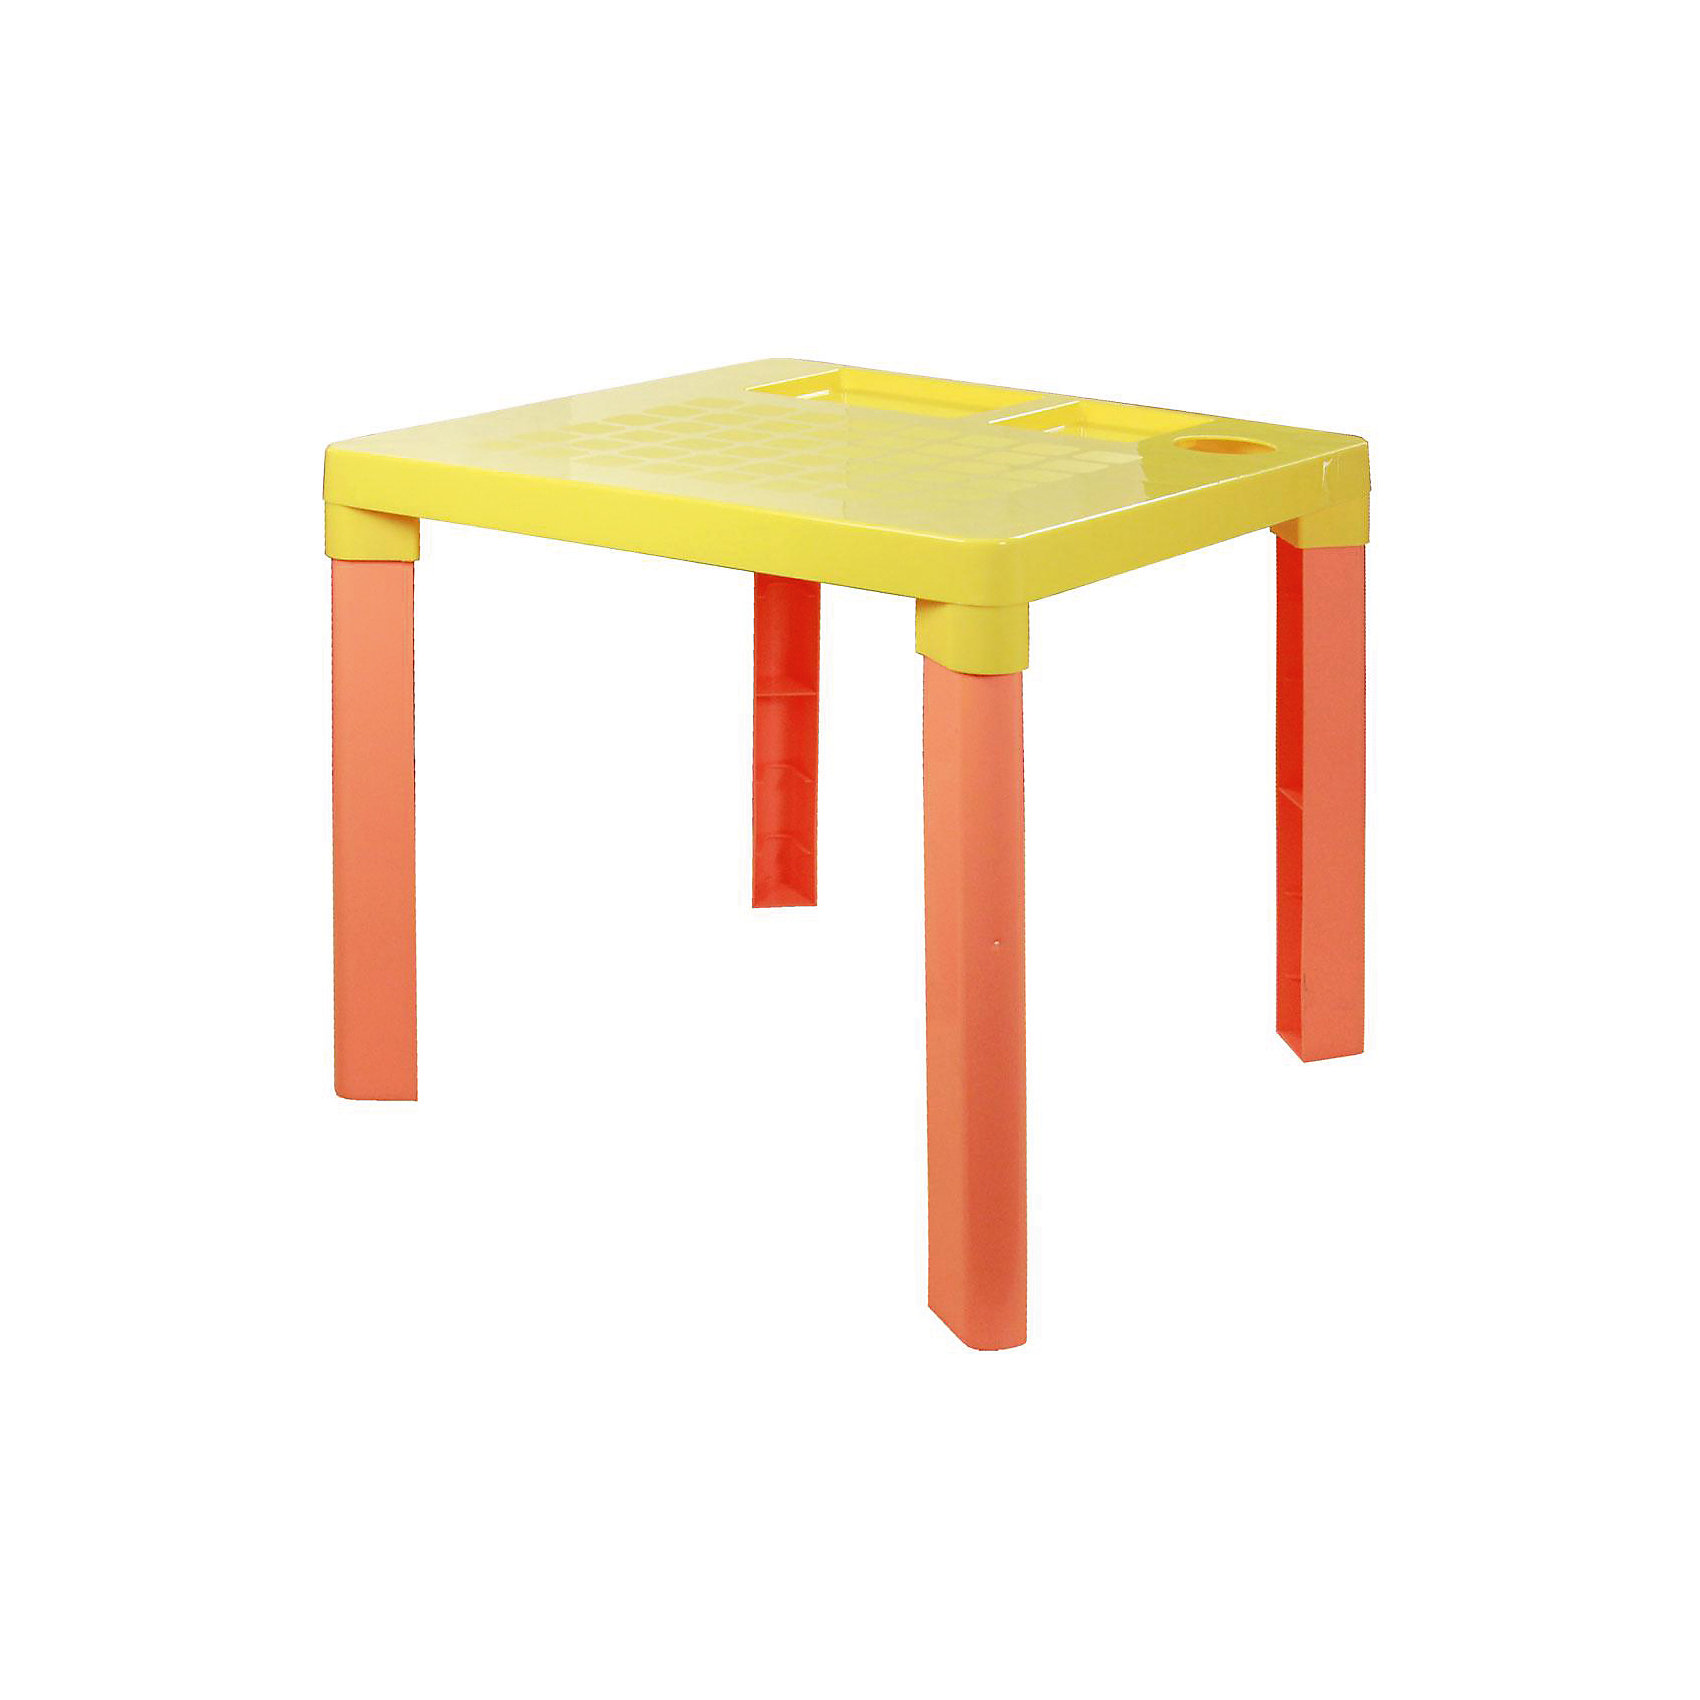 Стол детский, Alternativa, жёлтый